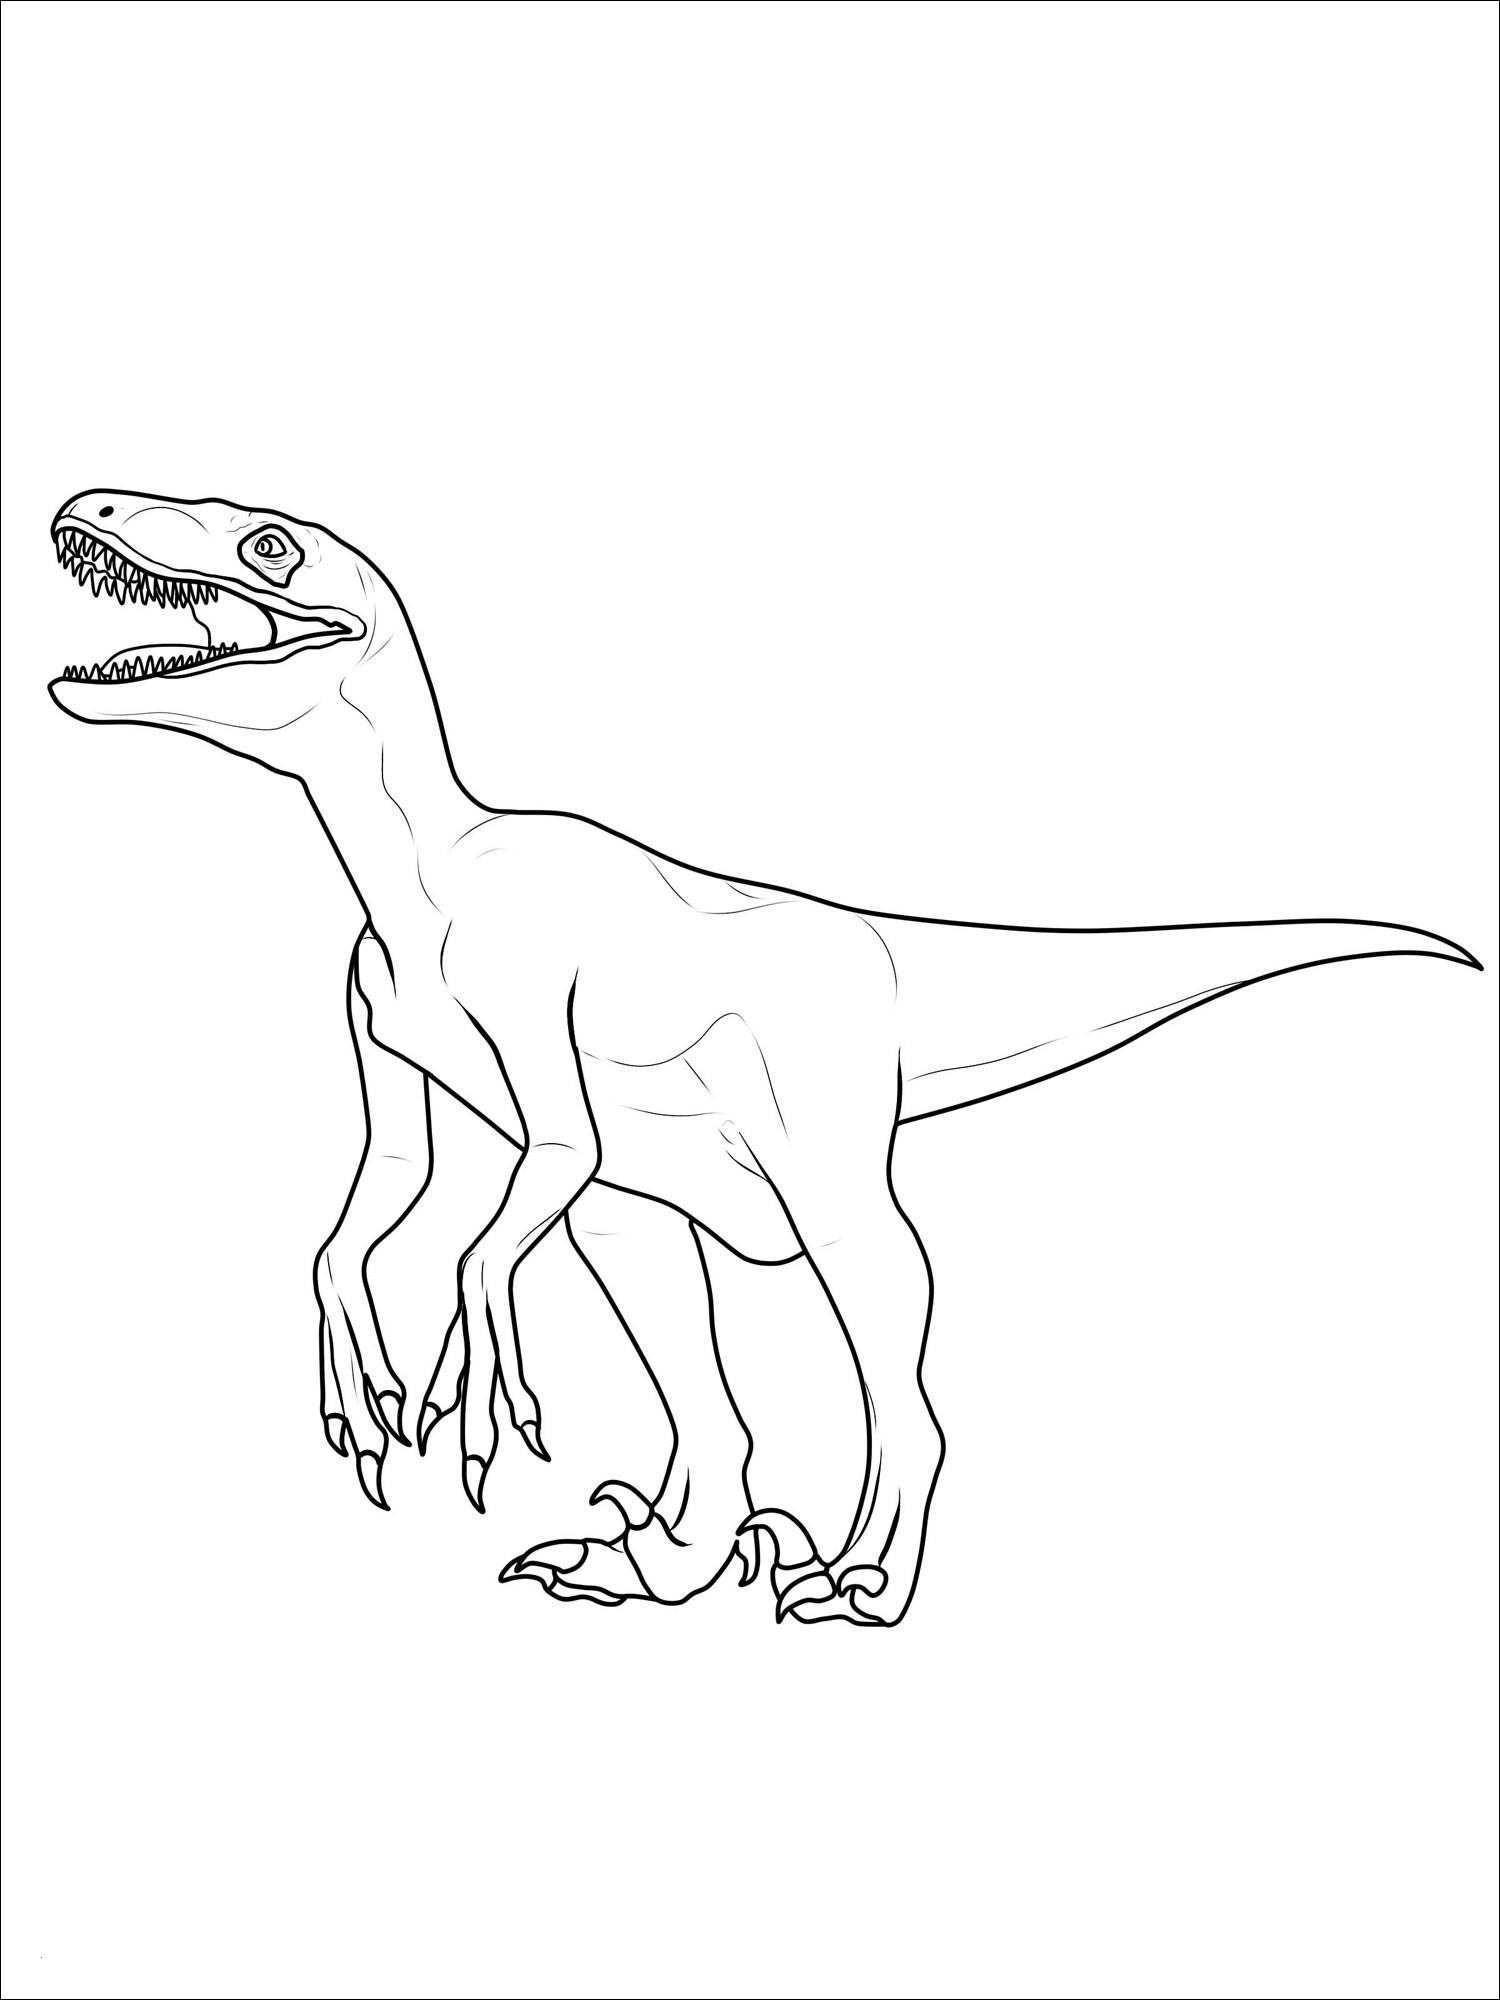 T Rex Malvorlage Das Beste Von Ausmalbilder T Rex Galerie Spannende Coloring Bilder T Rex Bild